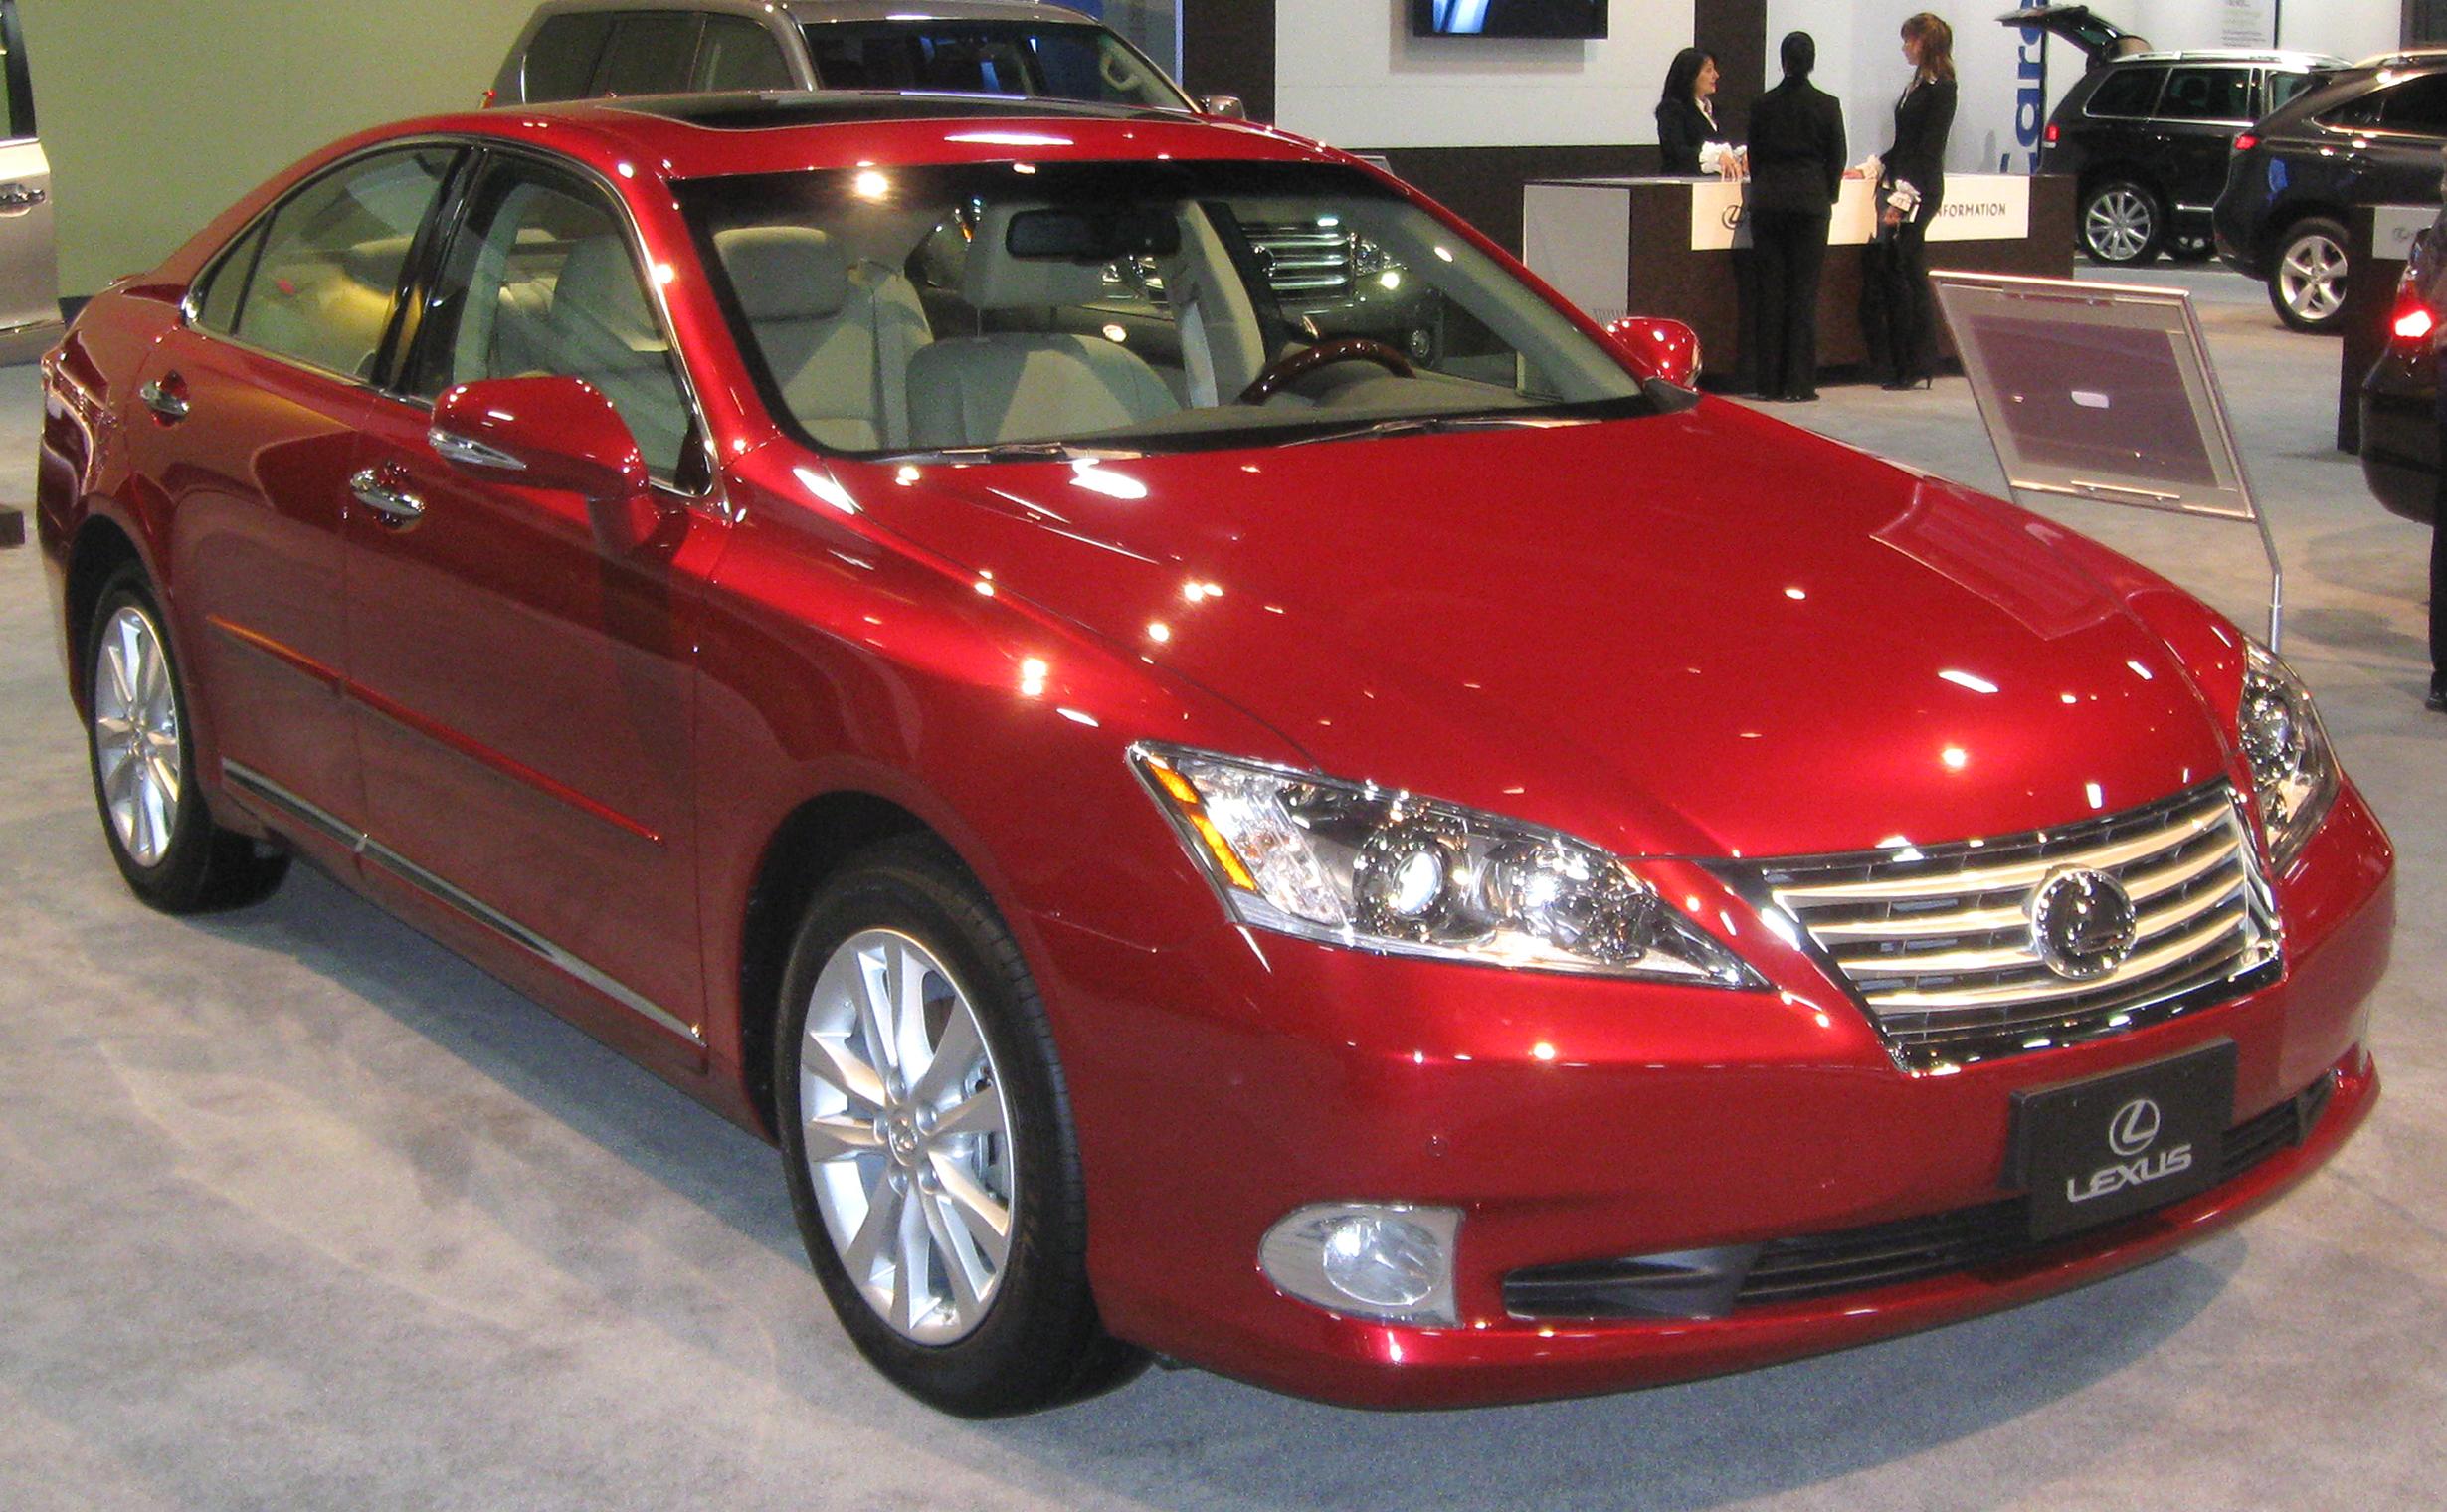 Lexus 350 Es >> 2010 LEXUS ES 350 - Image #15